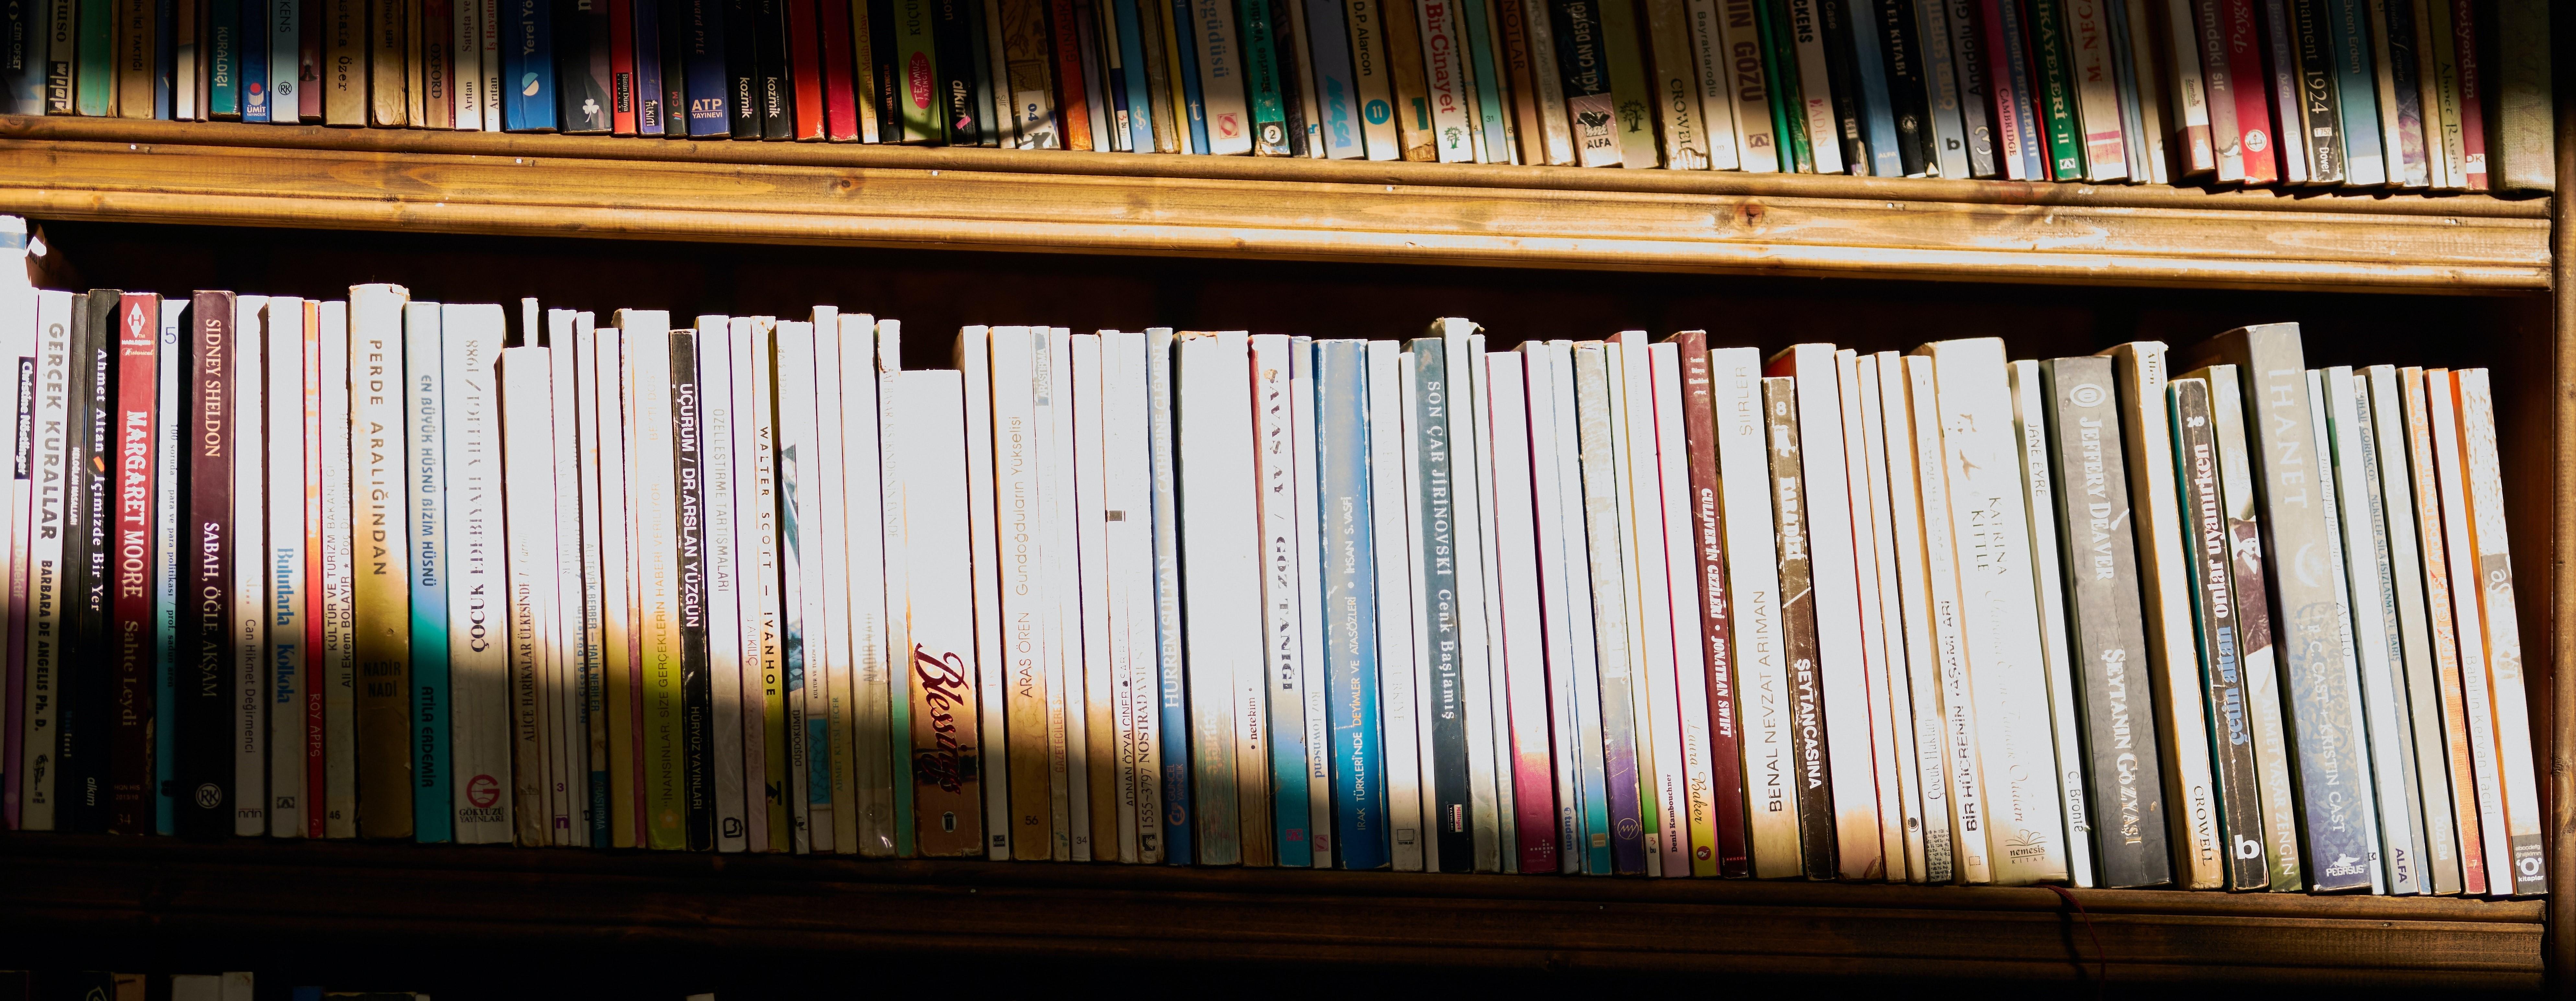 Reihe eines Buchregals mit, hervorgehoben durch Lichteinfall.